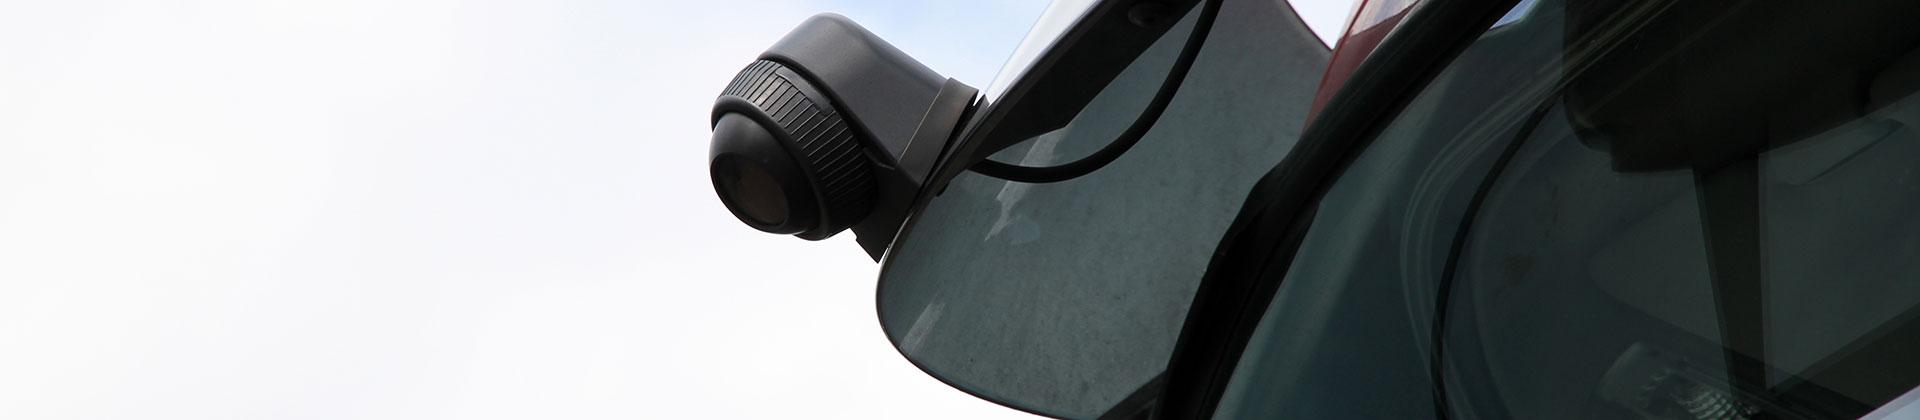 Orlaco Frontview Kamera an einem LKW